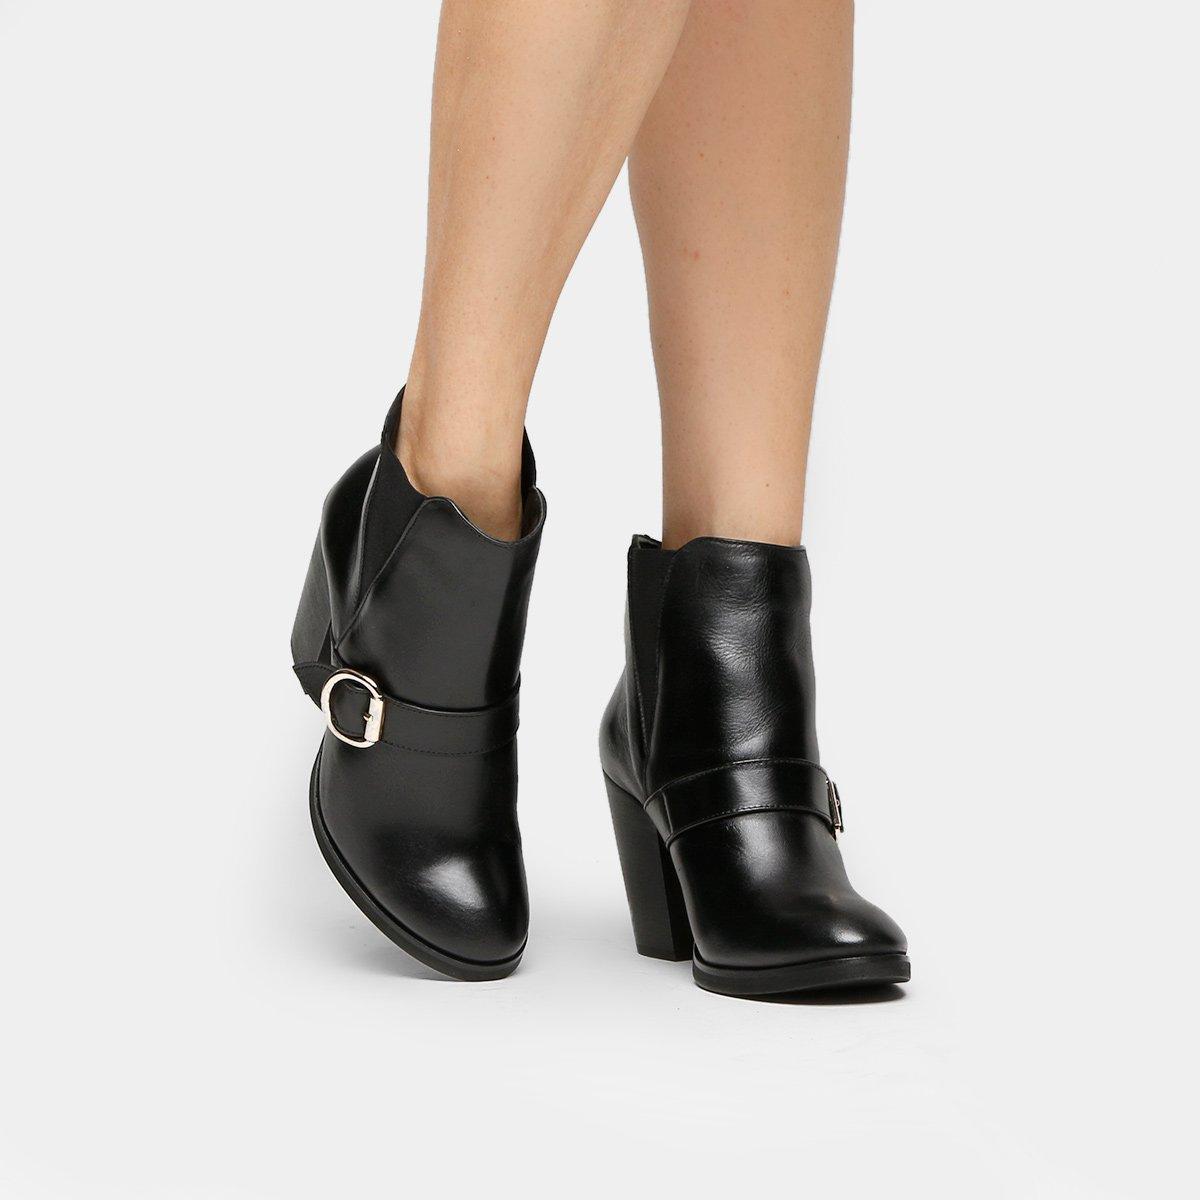 eae5eb32e7 Bota Couro Cano Curto Shoestock Fivela Feminina